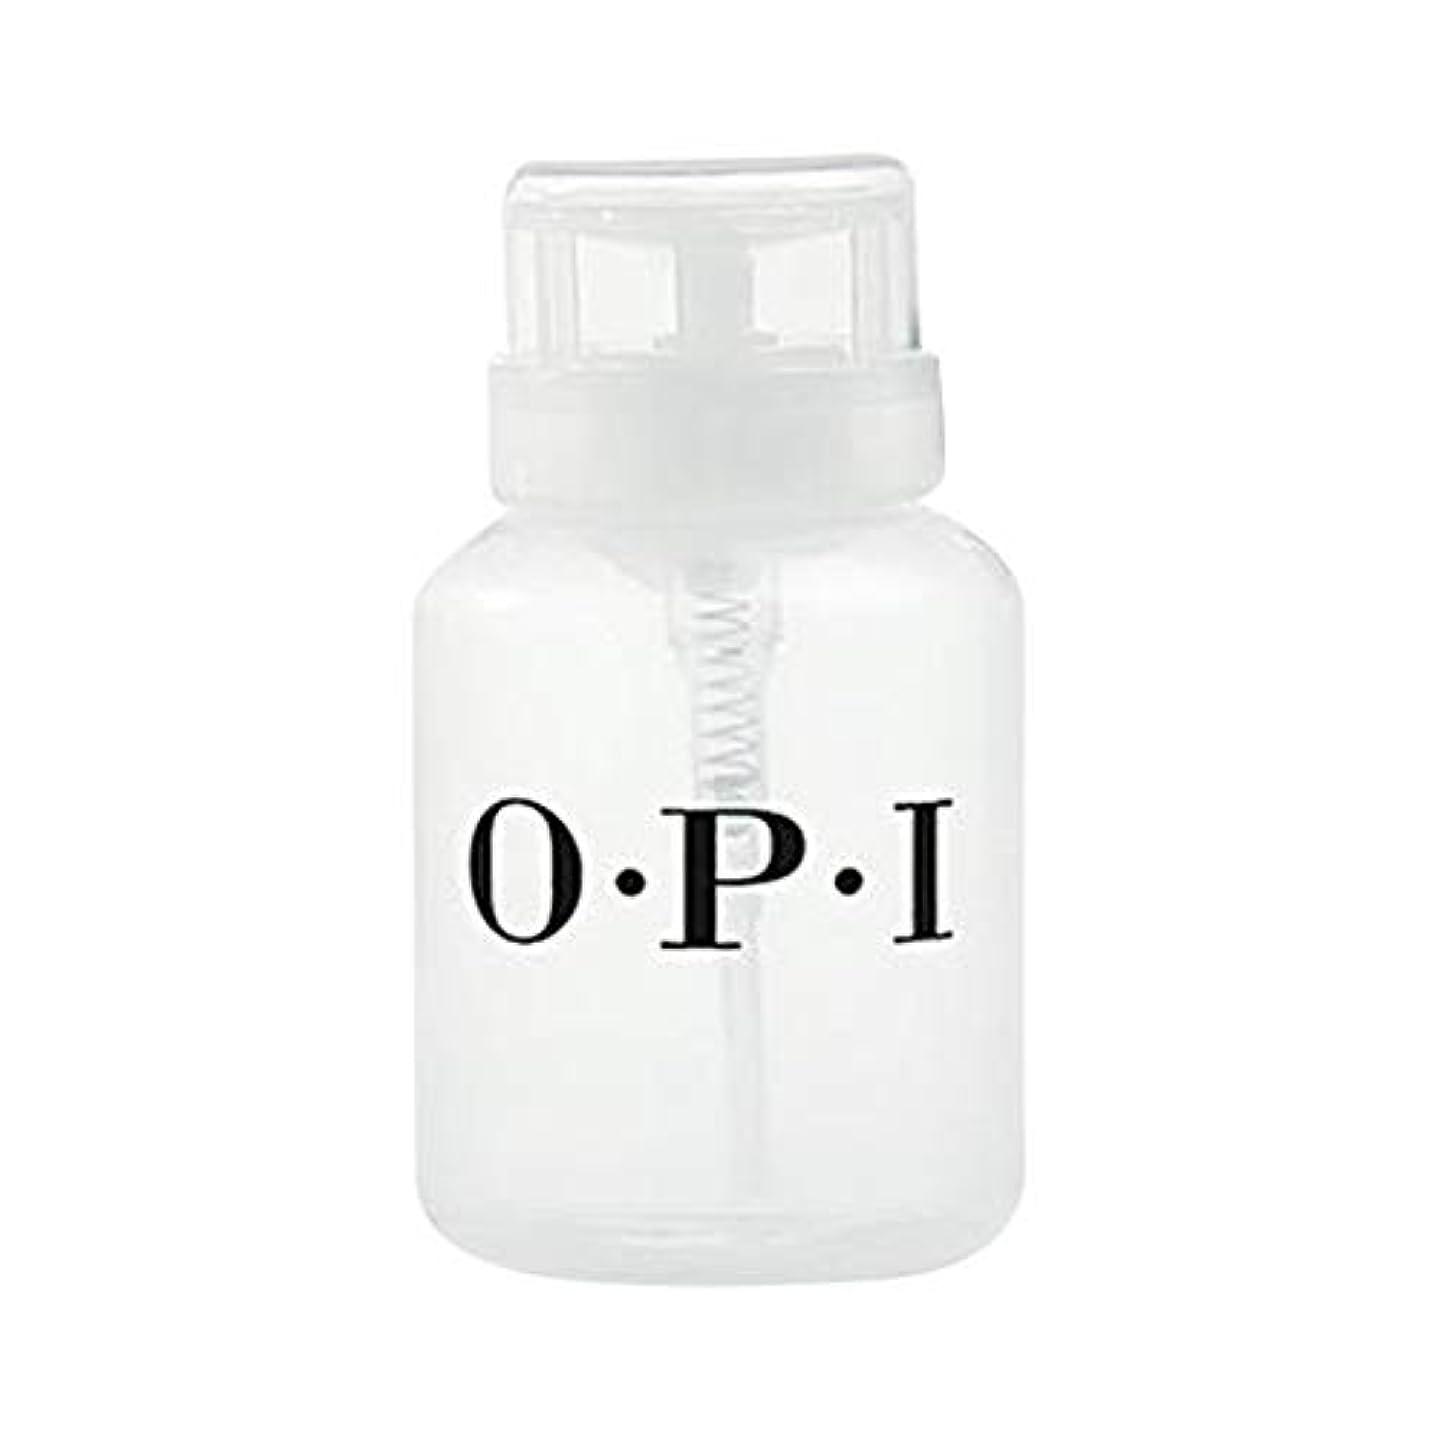 炎上振るエトナ山200mlロック可能なプレスキャップボトル、マニキュアリムーバー、メイクアップリムーバー、フェイストナー用の詰め替え可能な空のポンプディスペンサーボトル(4)